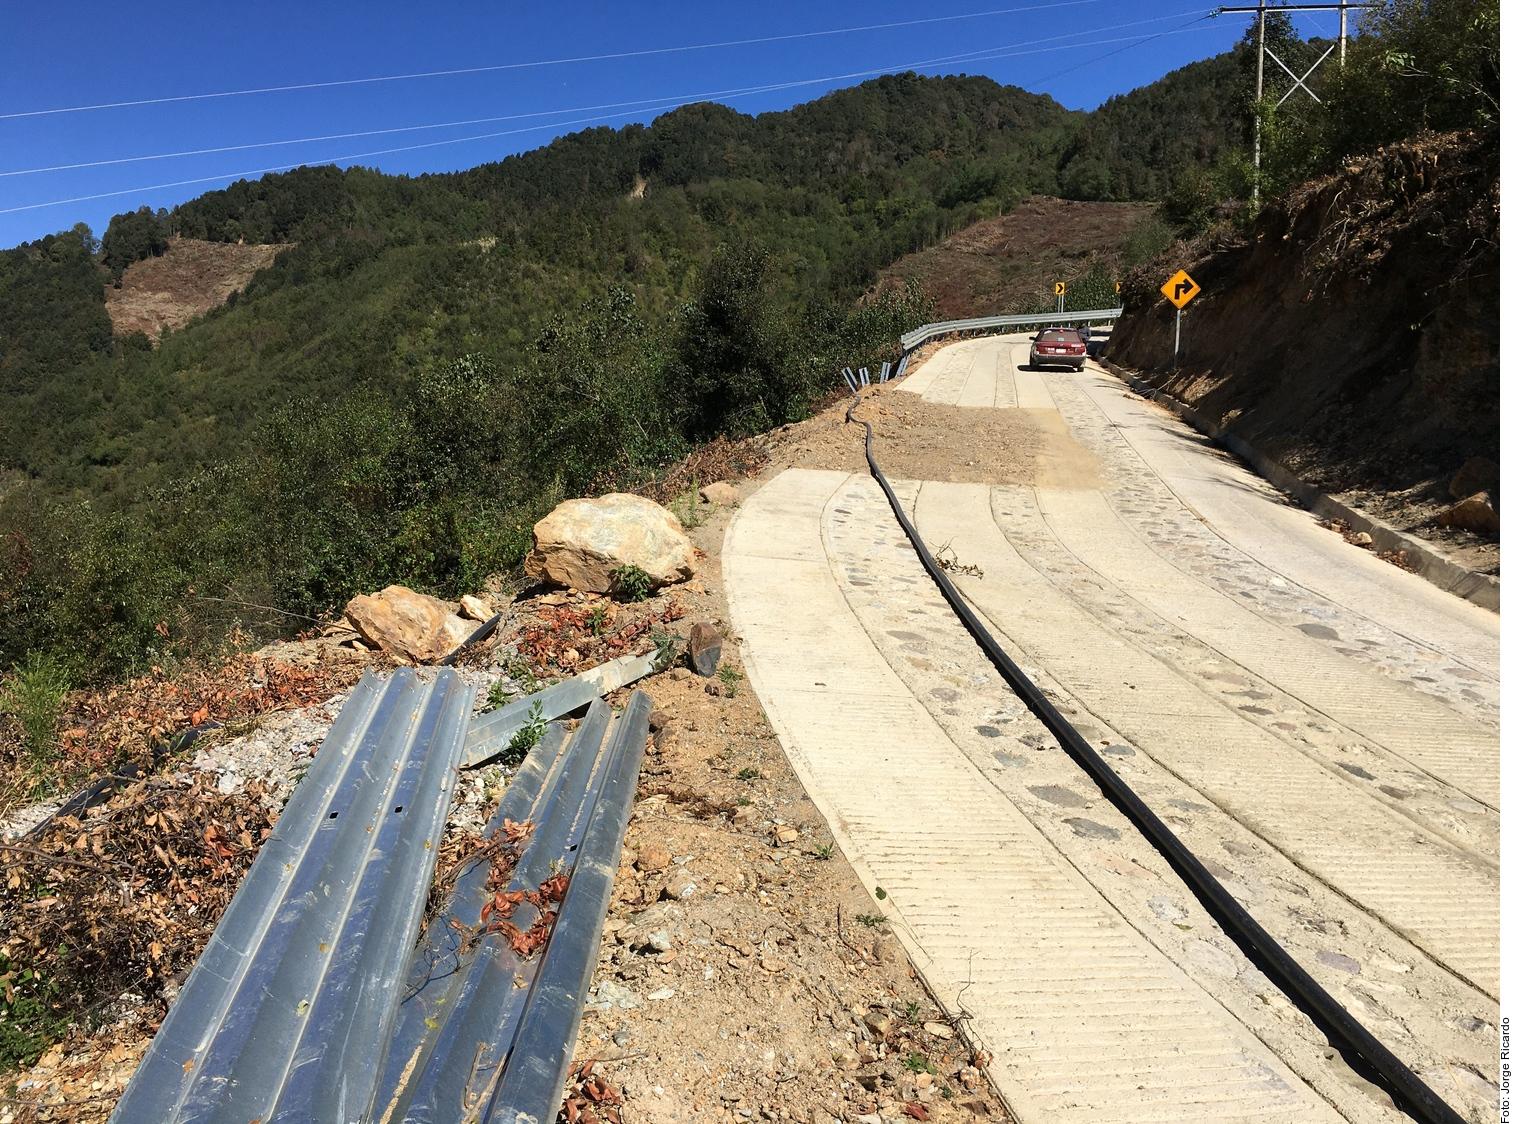 Caminos chuecos de la 4T tendrán que ser arreglados por los pueblos | El Imparcial de Oaxaca